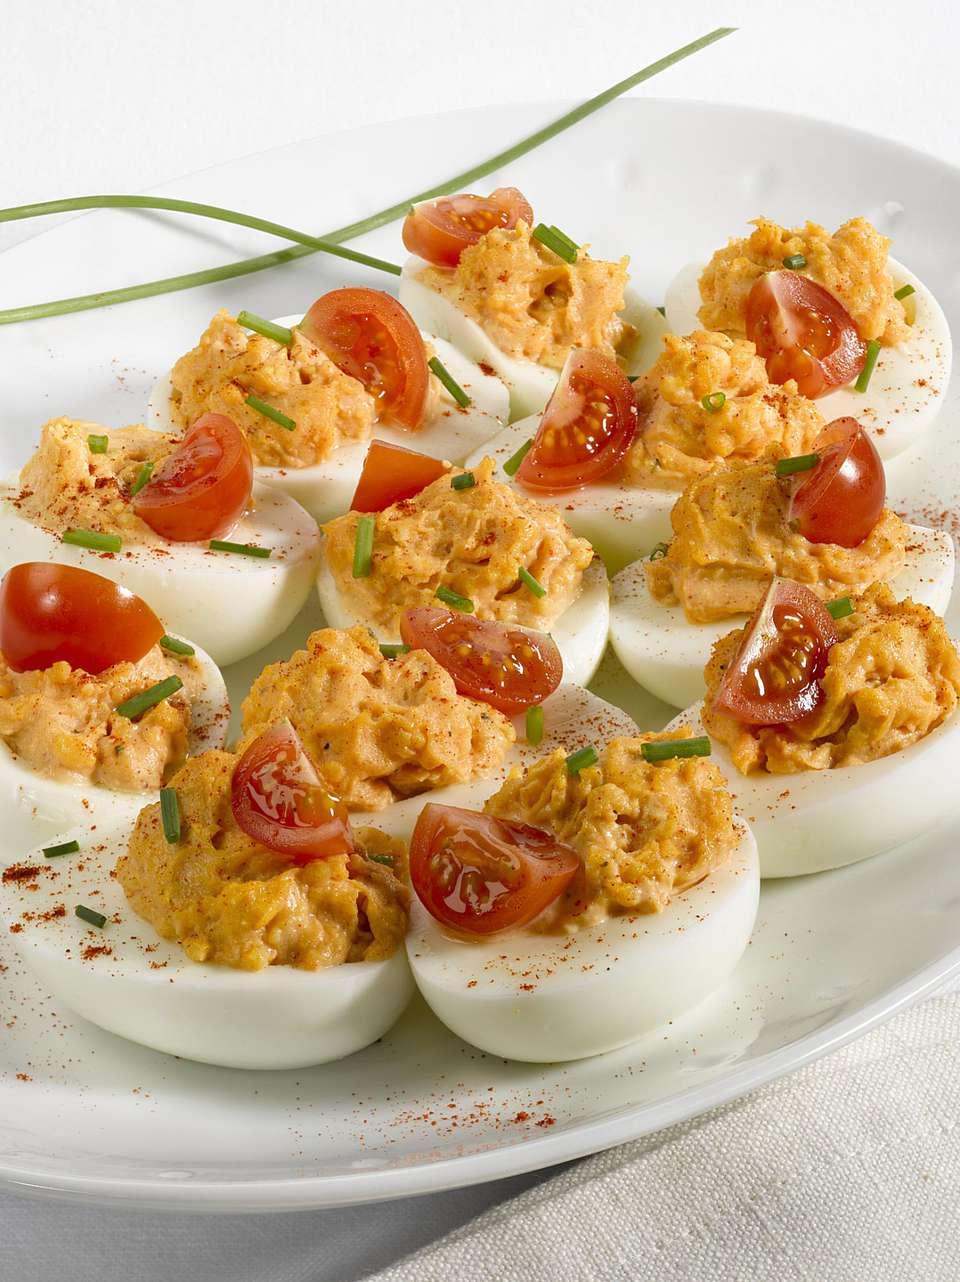 Delicious deviled eggs with tuna and tomato recipe.